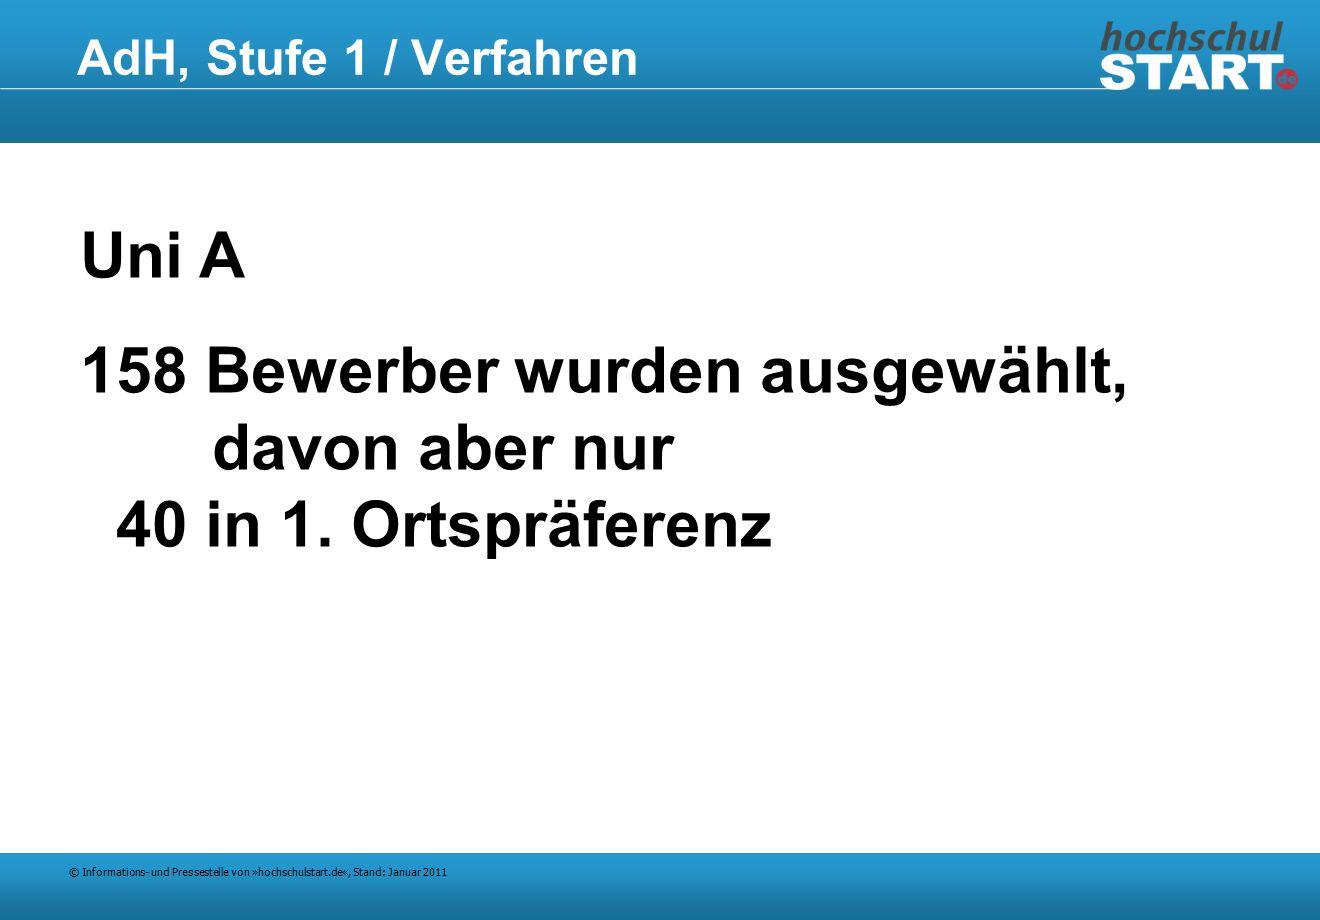 © Informations- und Pressestelle von »hochschulstart.de«, Stand: Januar 2011 AdH, Stufe 1 / Verfahren Uni A 158 Bewerber wurden ausgewählt, davon aber nur 40 in 1.